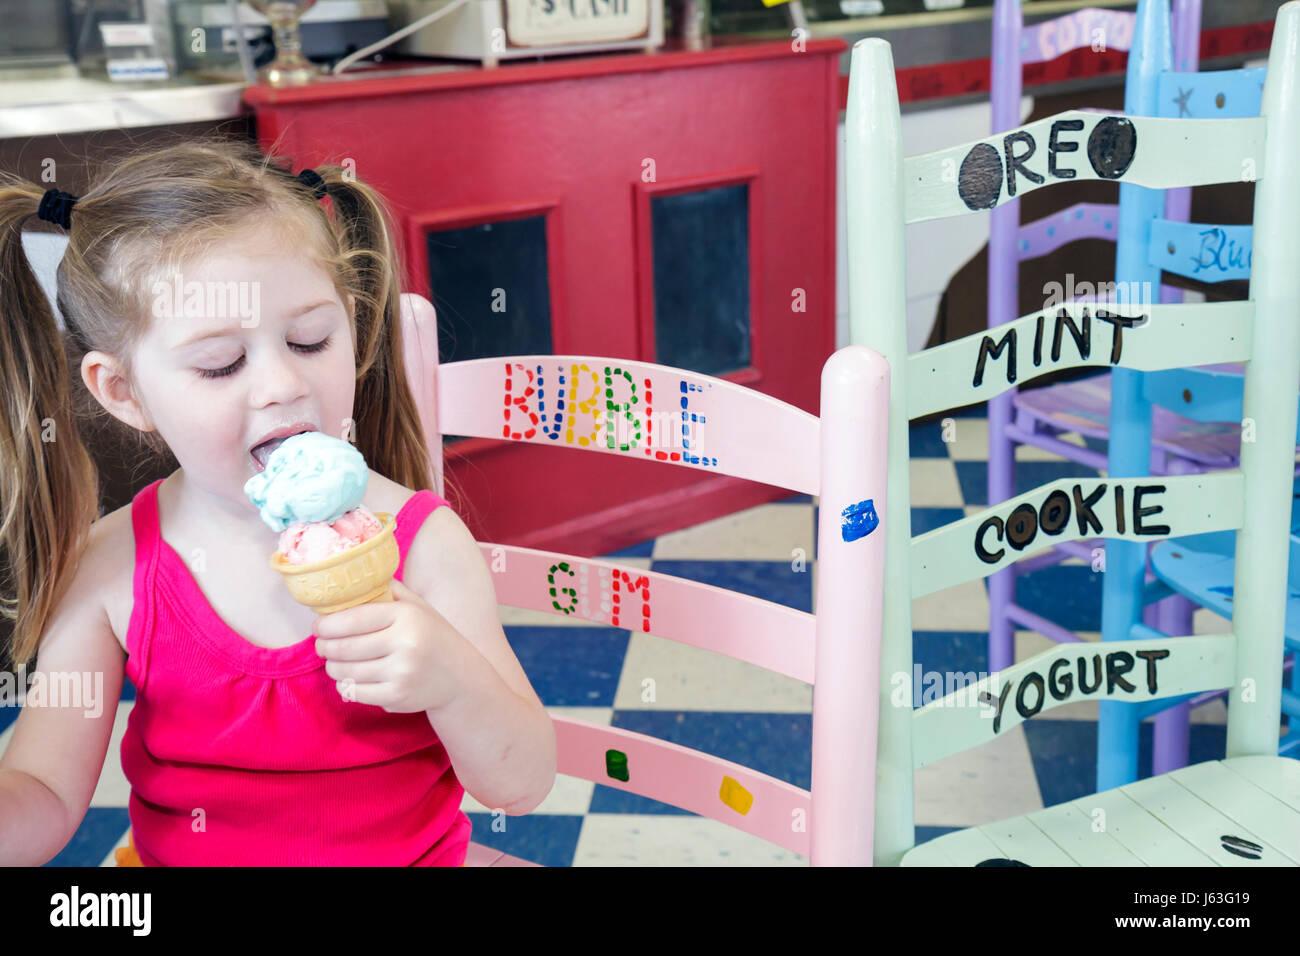 Indiana Valparaiso Valpo Velvet Shoppe ice cream maker dairy frozen dessert business girl cone whimsical decor treat - Stock Image